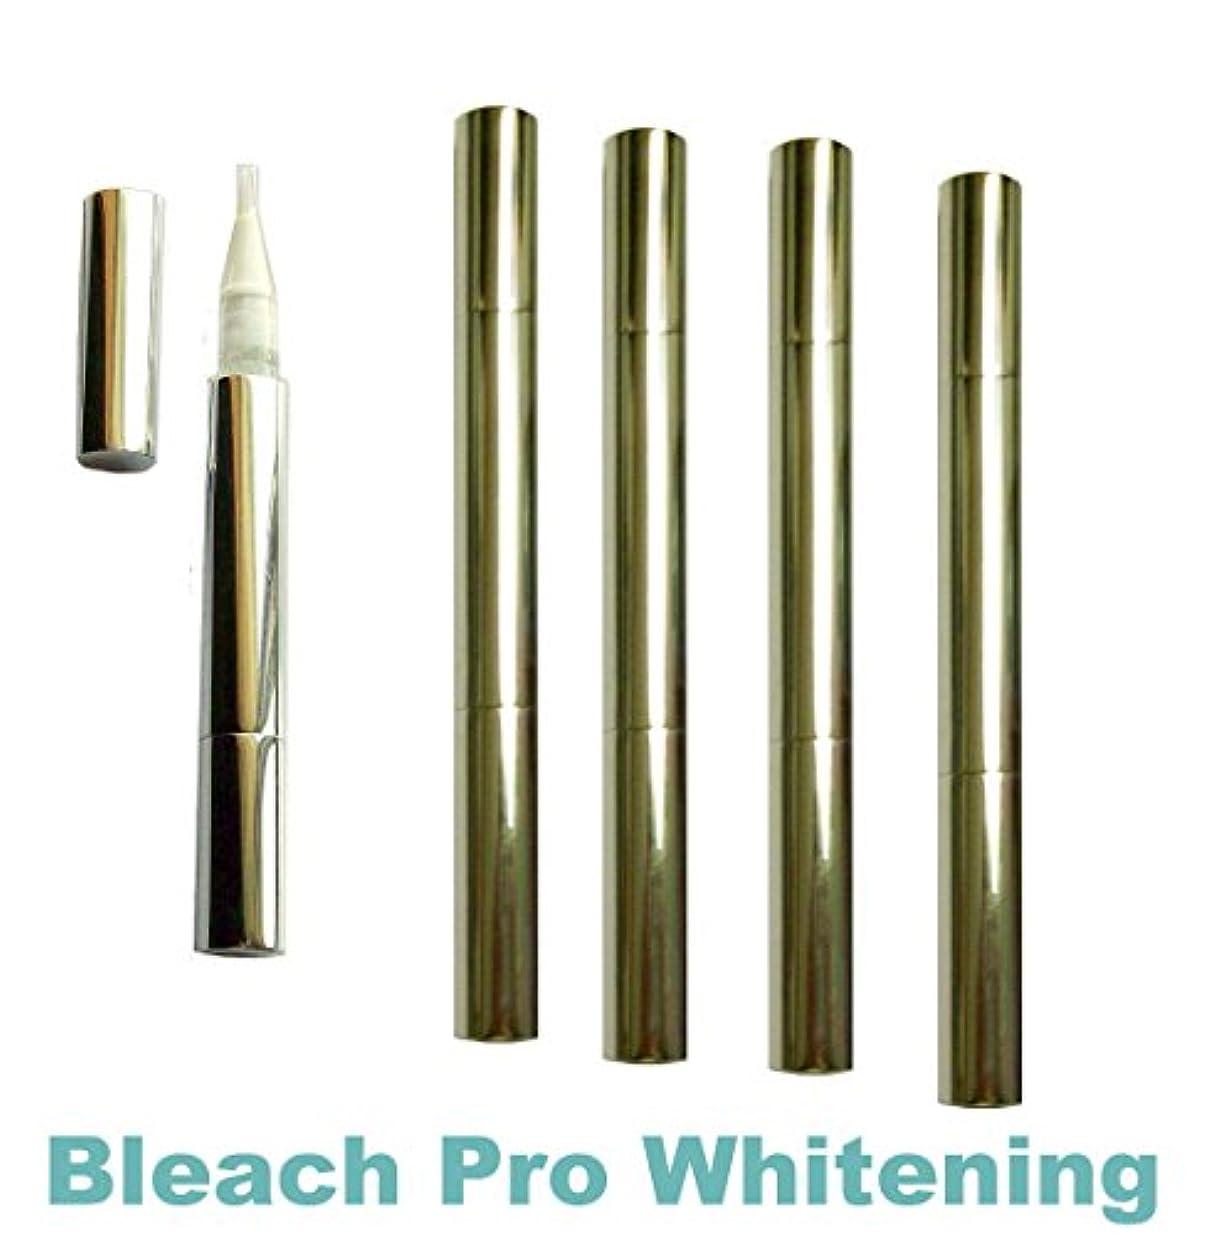 嘆願置くためにパック物理的にTeeth Whitening Gel Pens 35% Carbamide Peroxide Tooth Bleaching Formula Pen with Brush Tip Gel Dispenser. 5 Whitening...